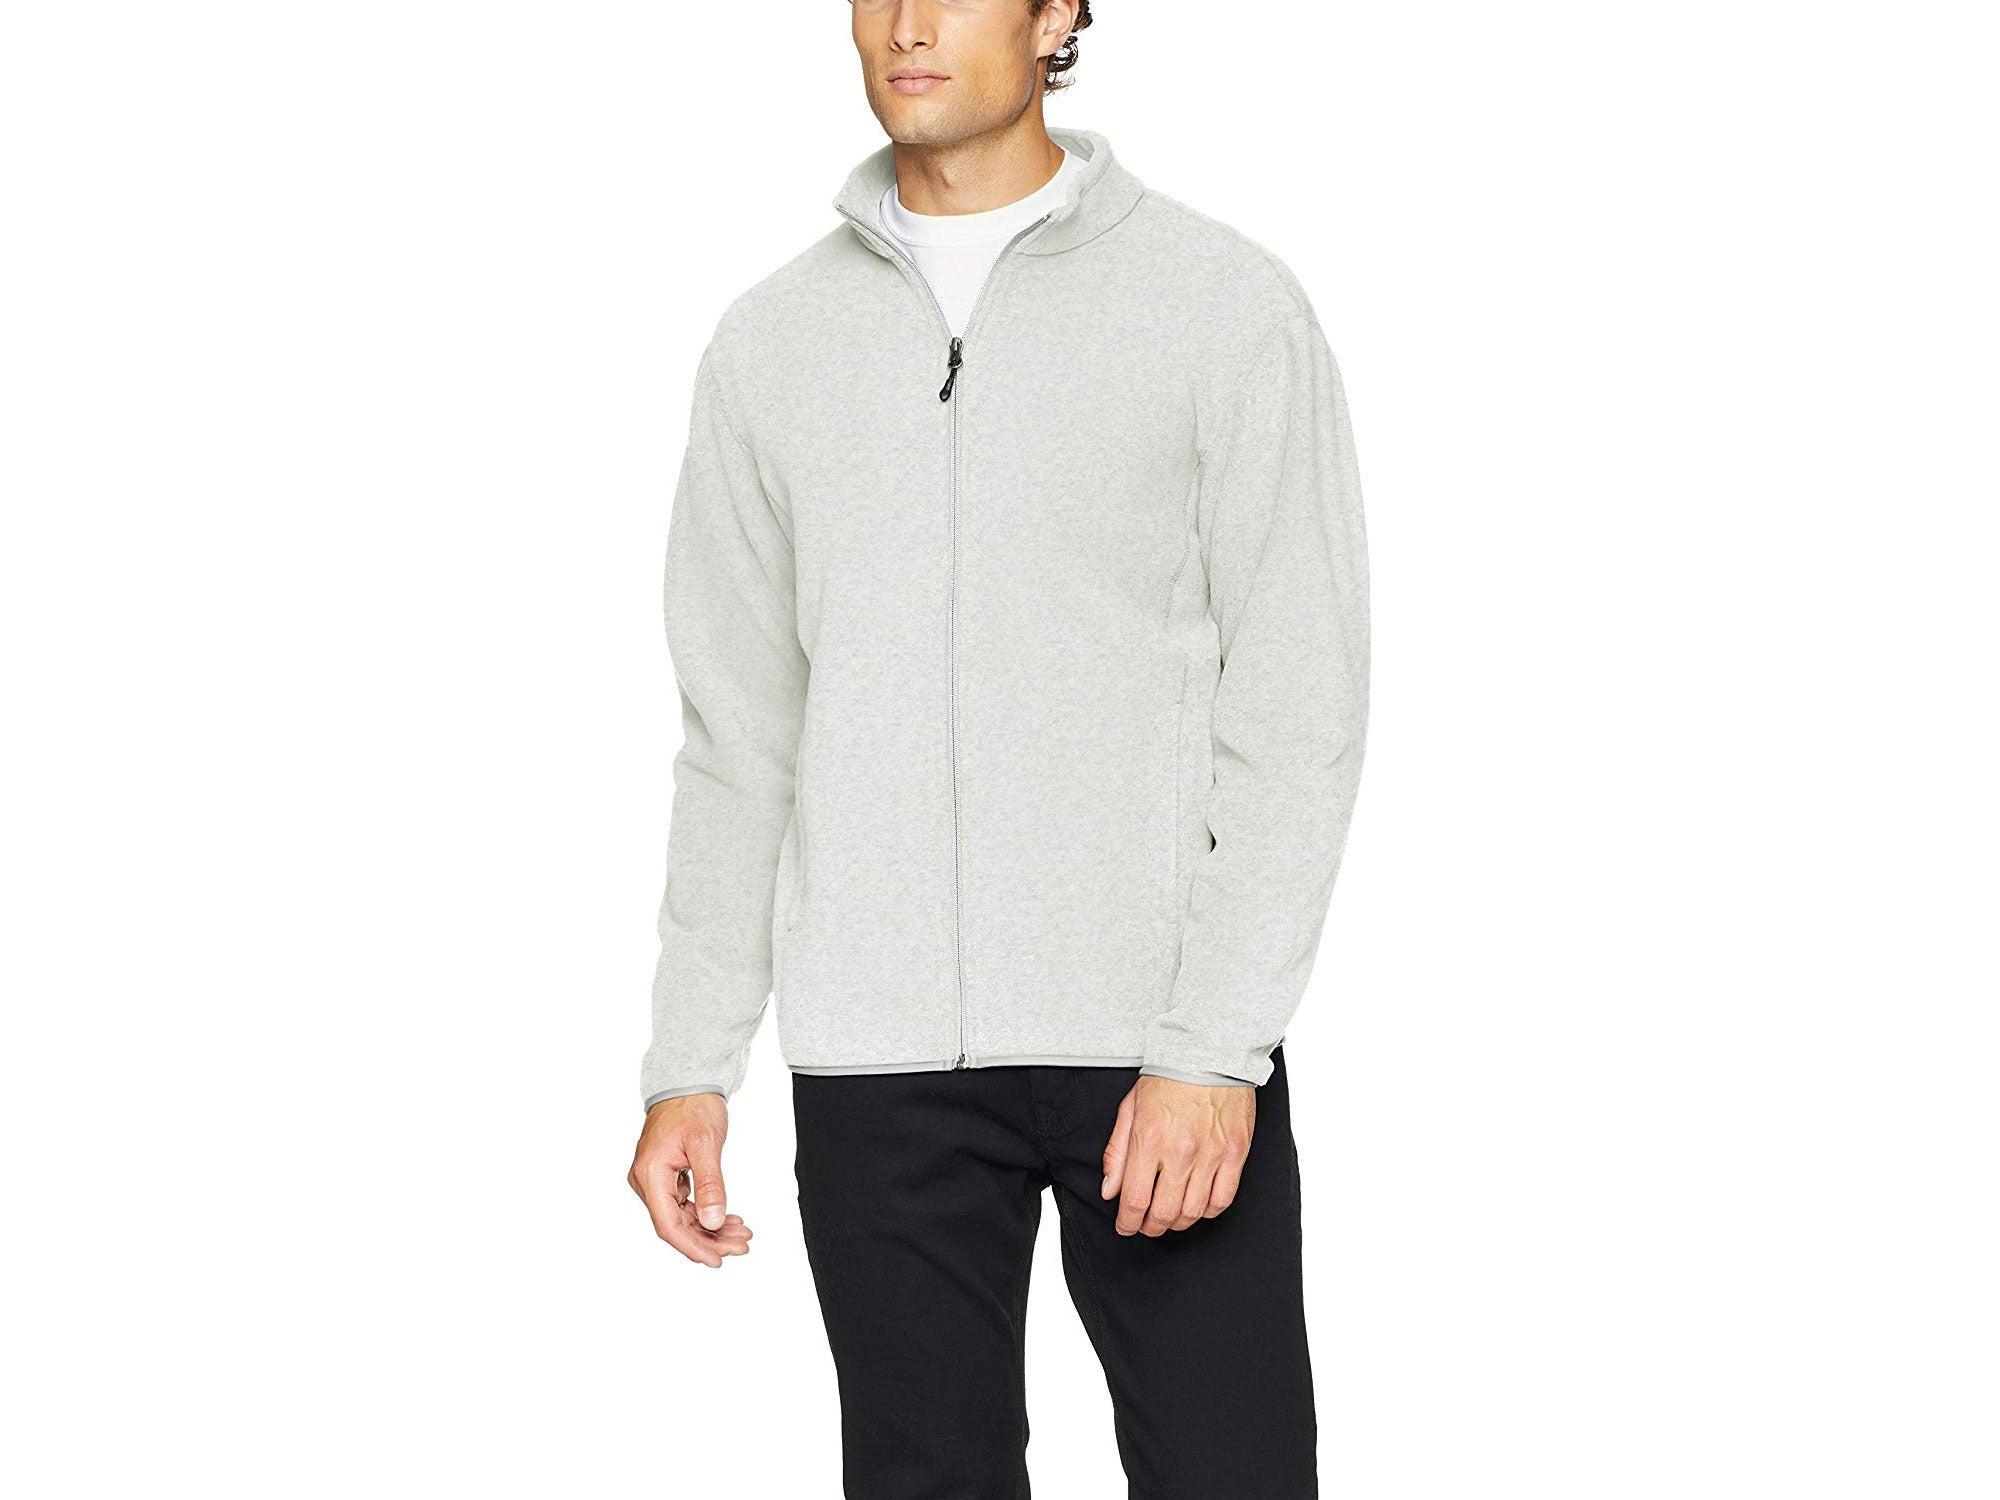 Man wearing fleece jacket from Amazon Essentials